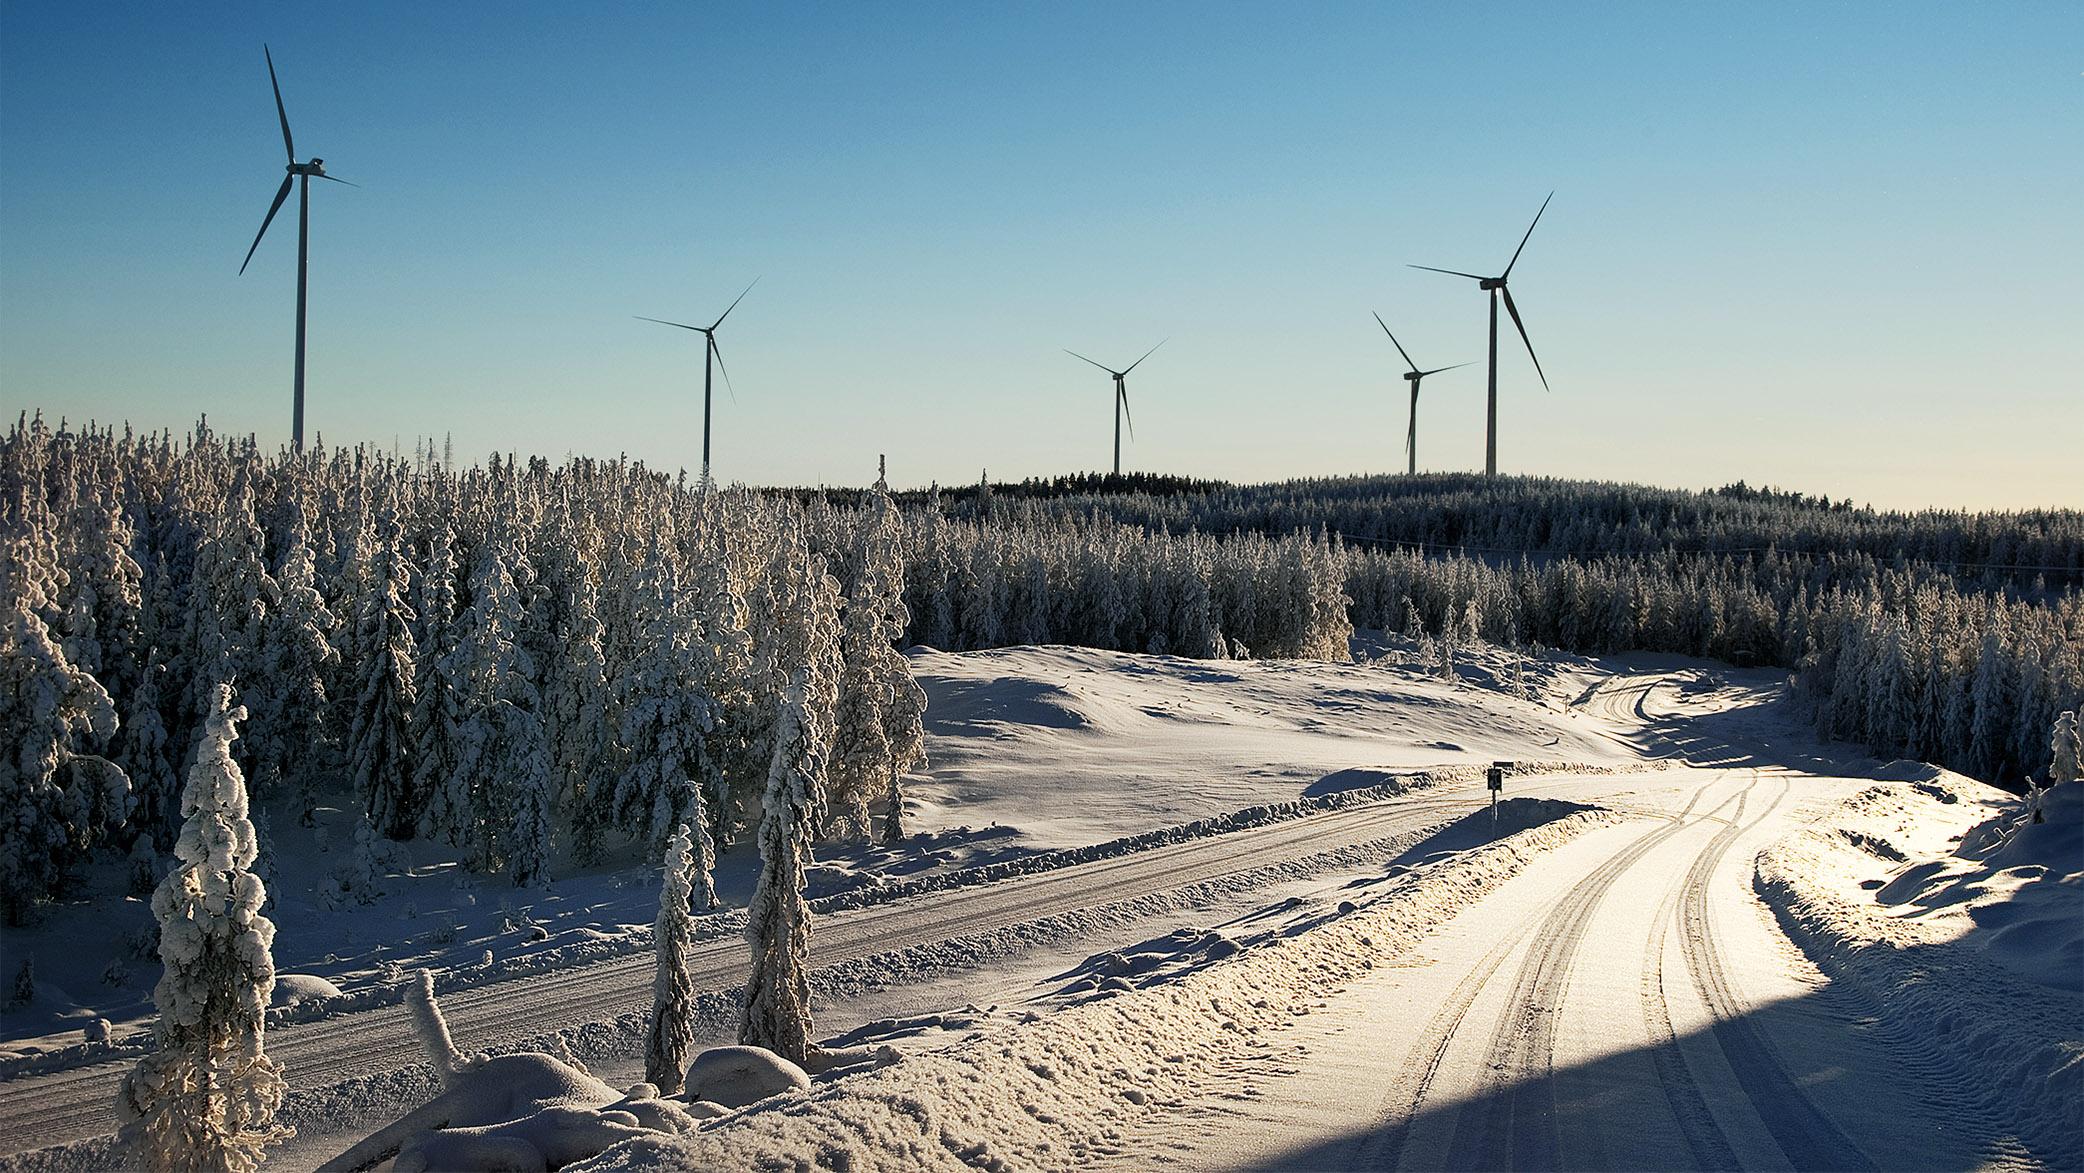 Швеция первой в мире полностью откажется от нефти и газа